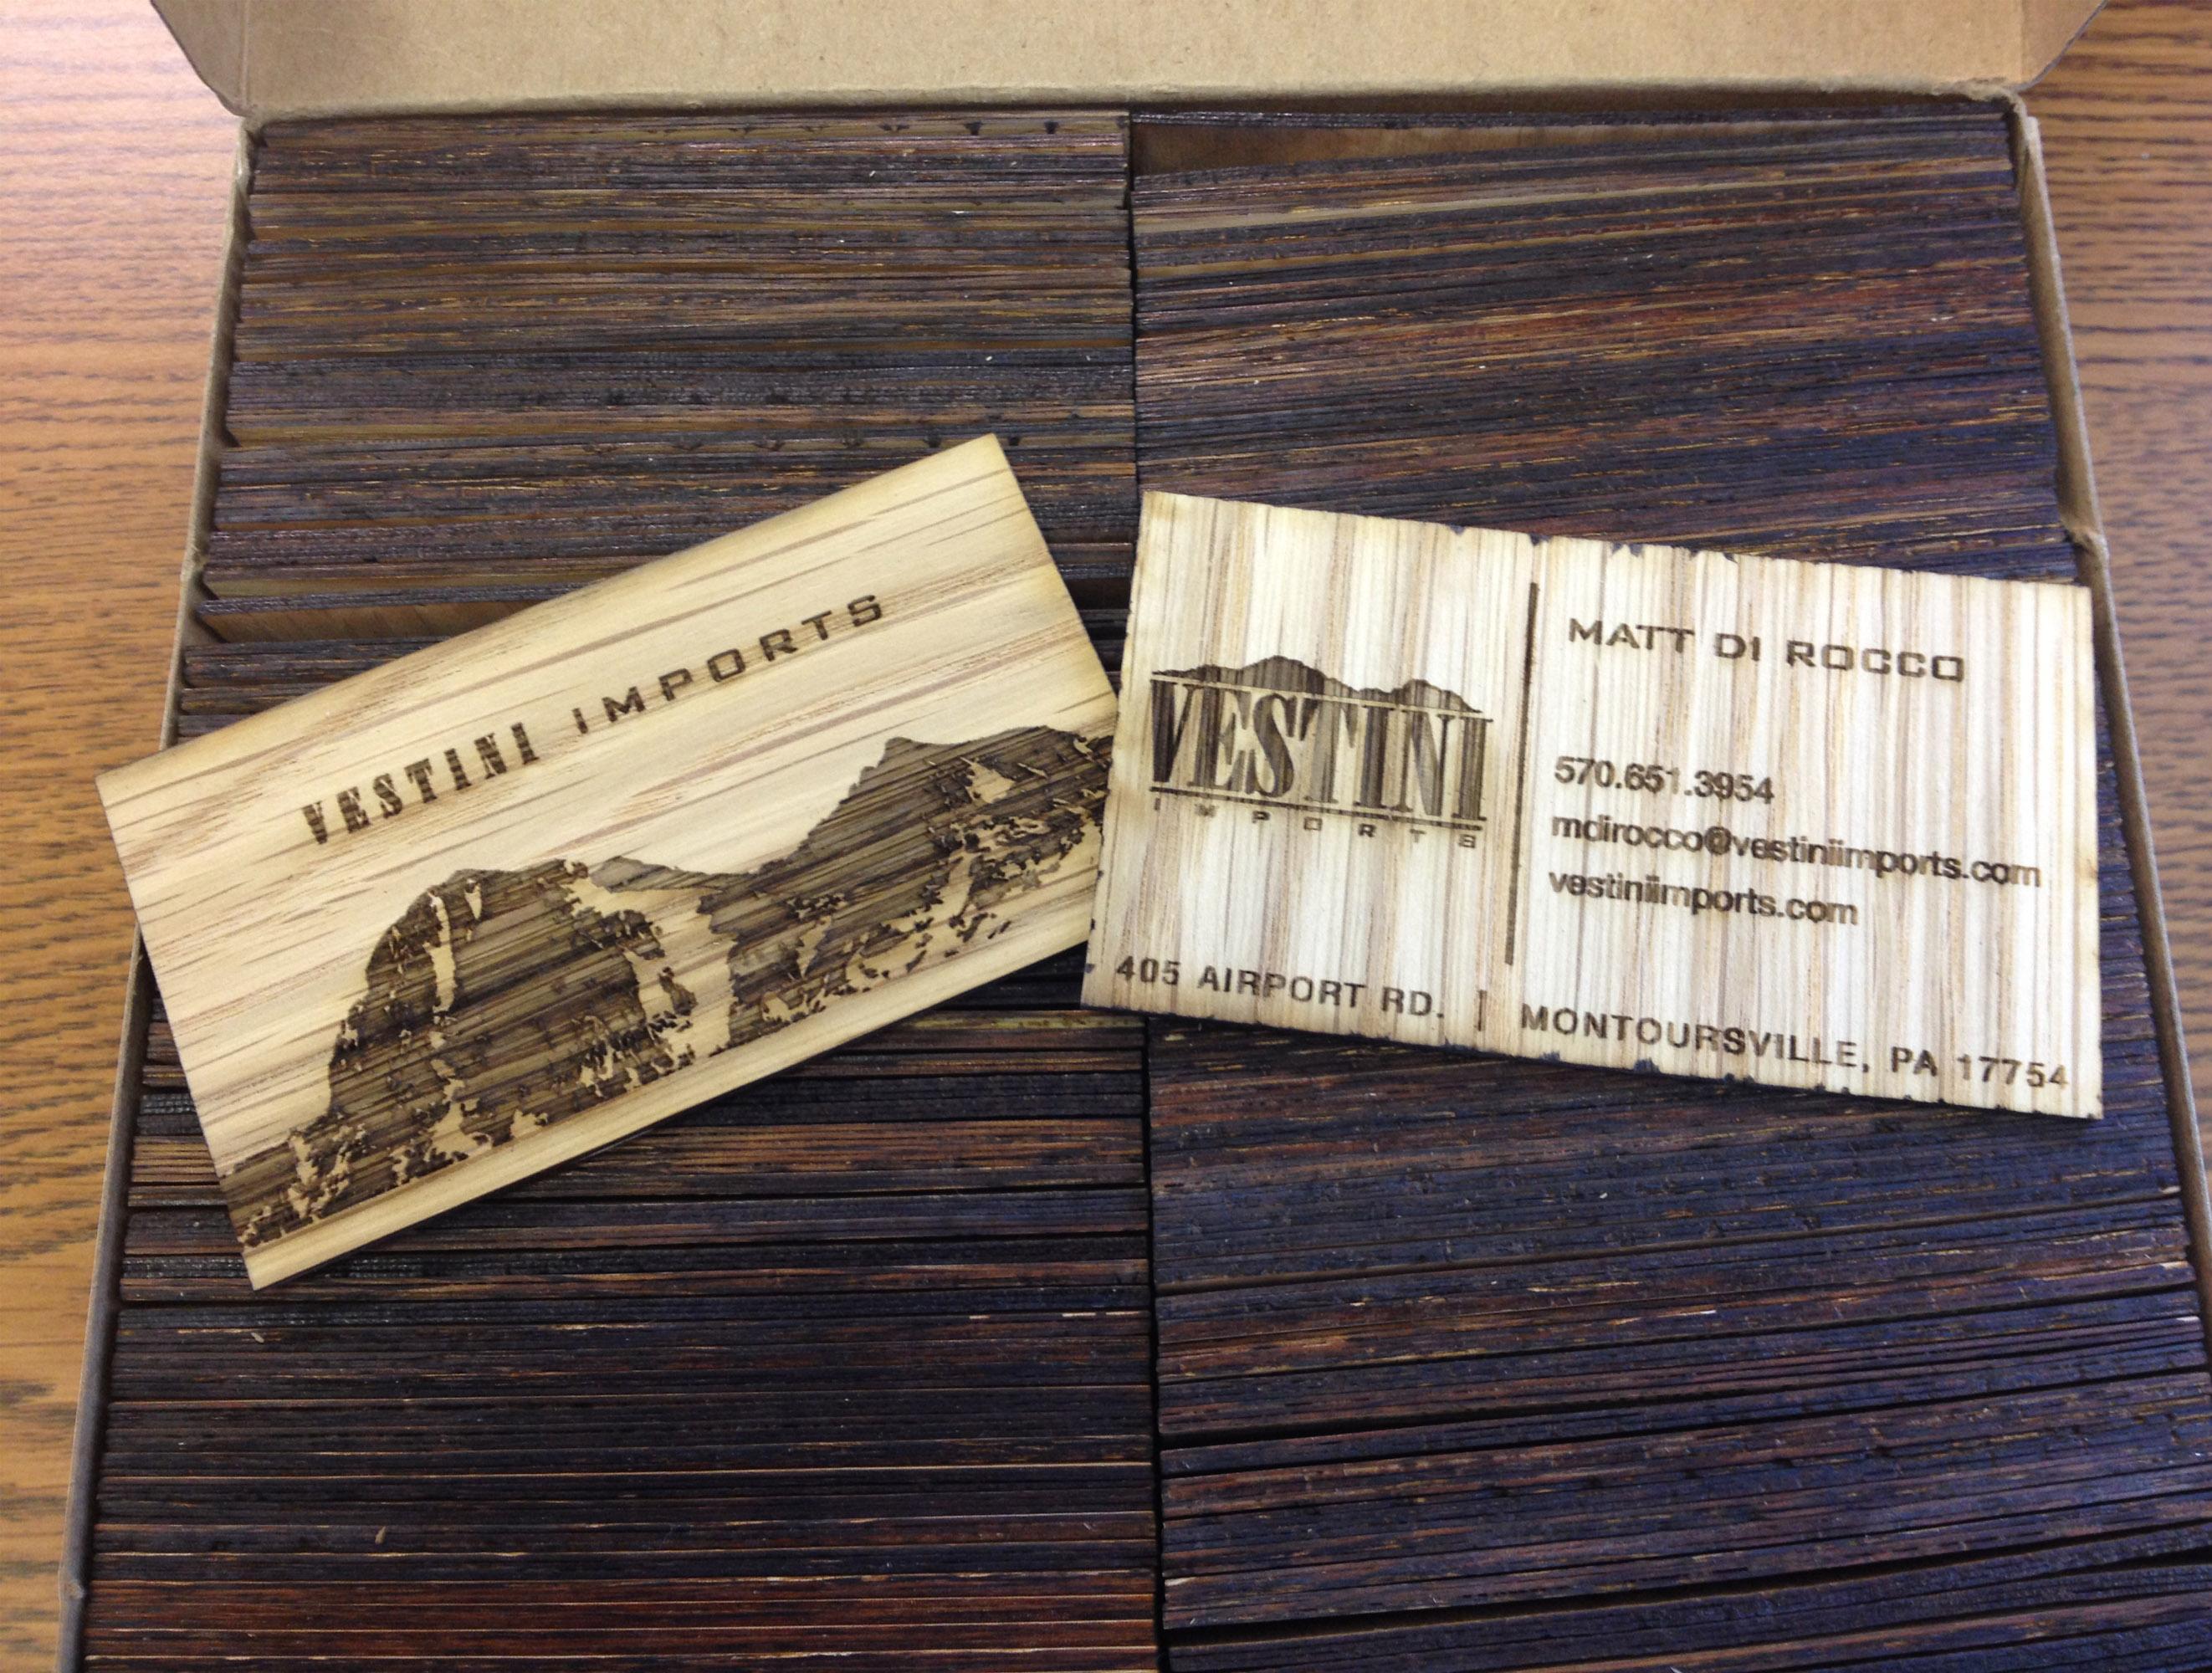 Wooden Business Card Design